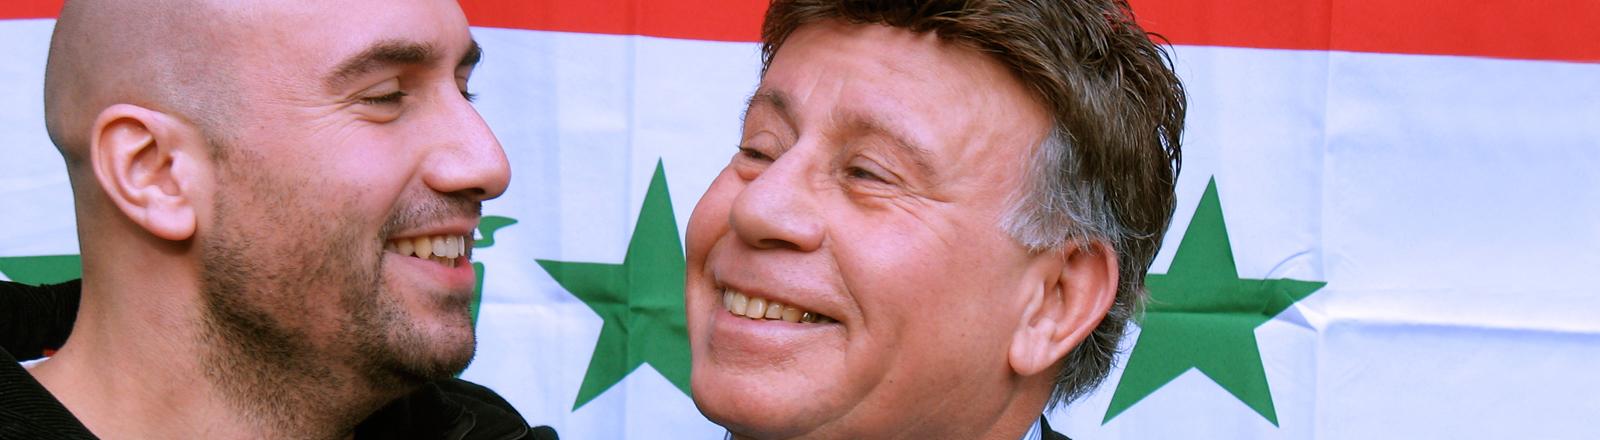 Nail Al Saidi und sein Vater vor einer irakischen Flagge